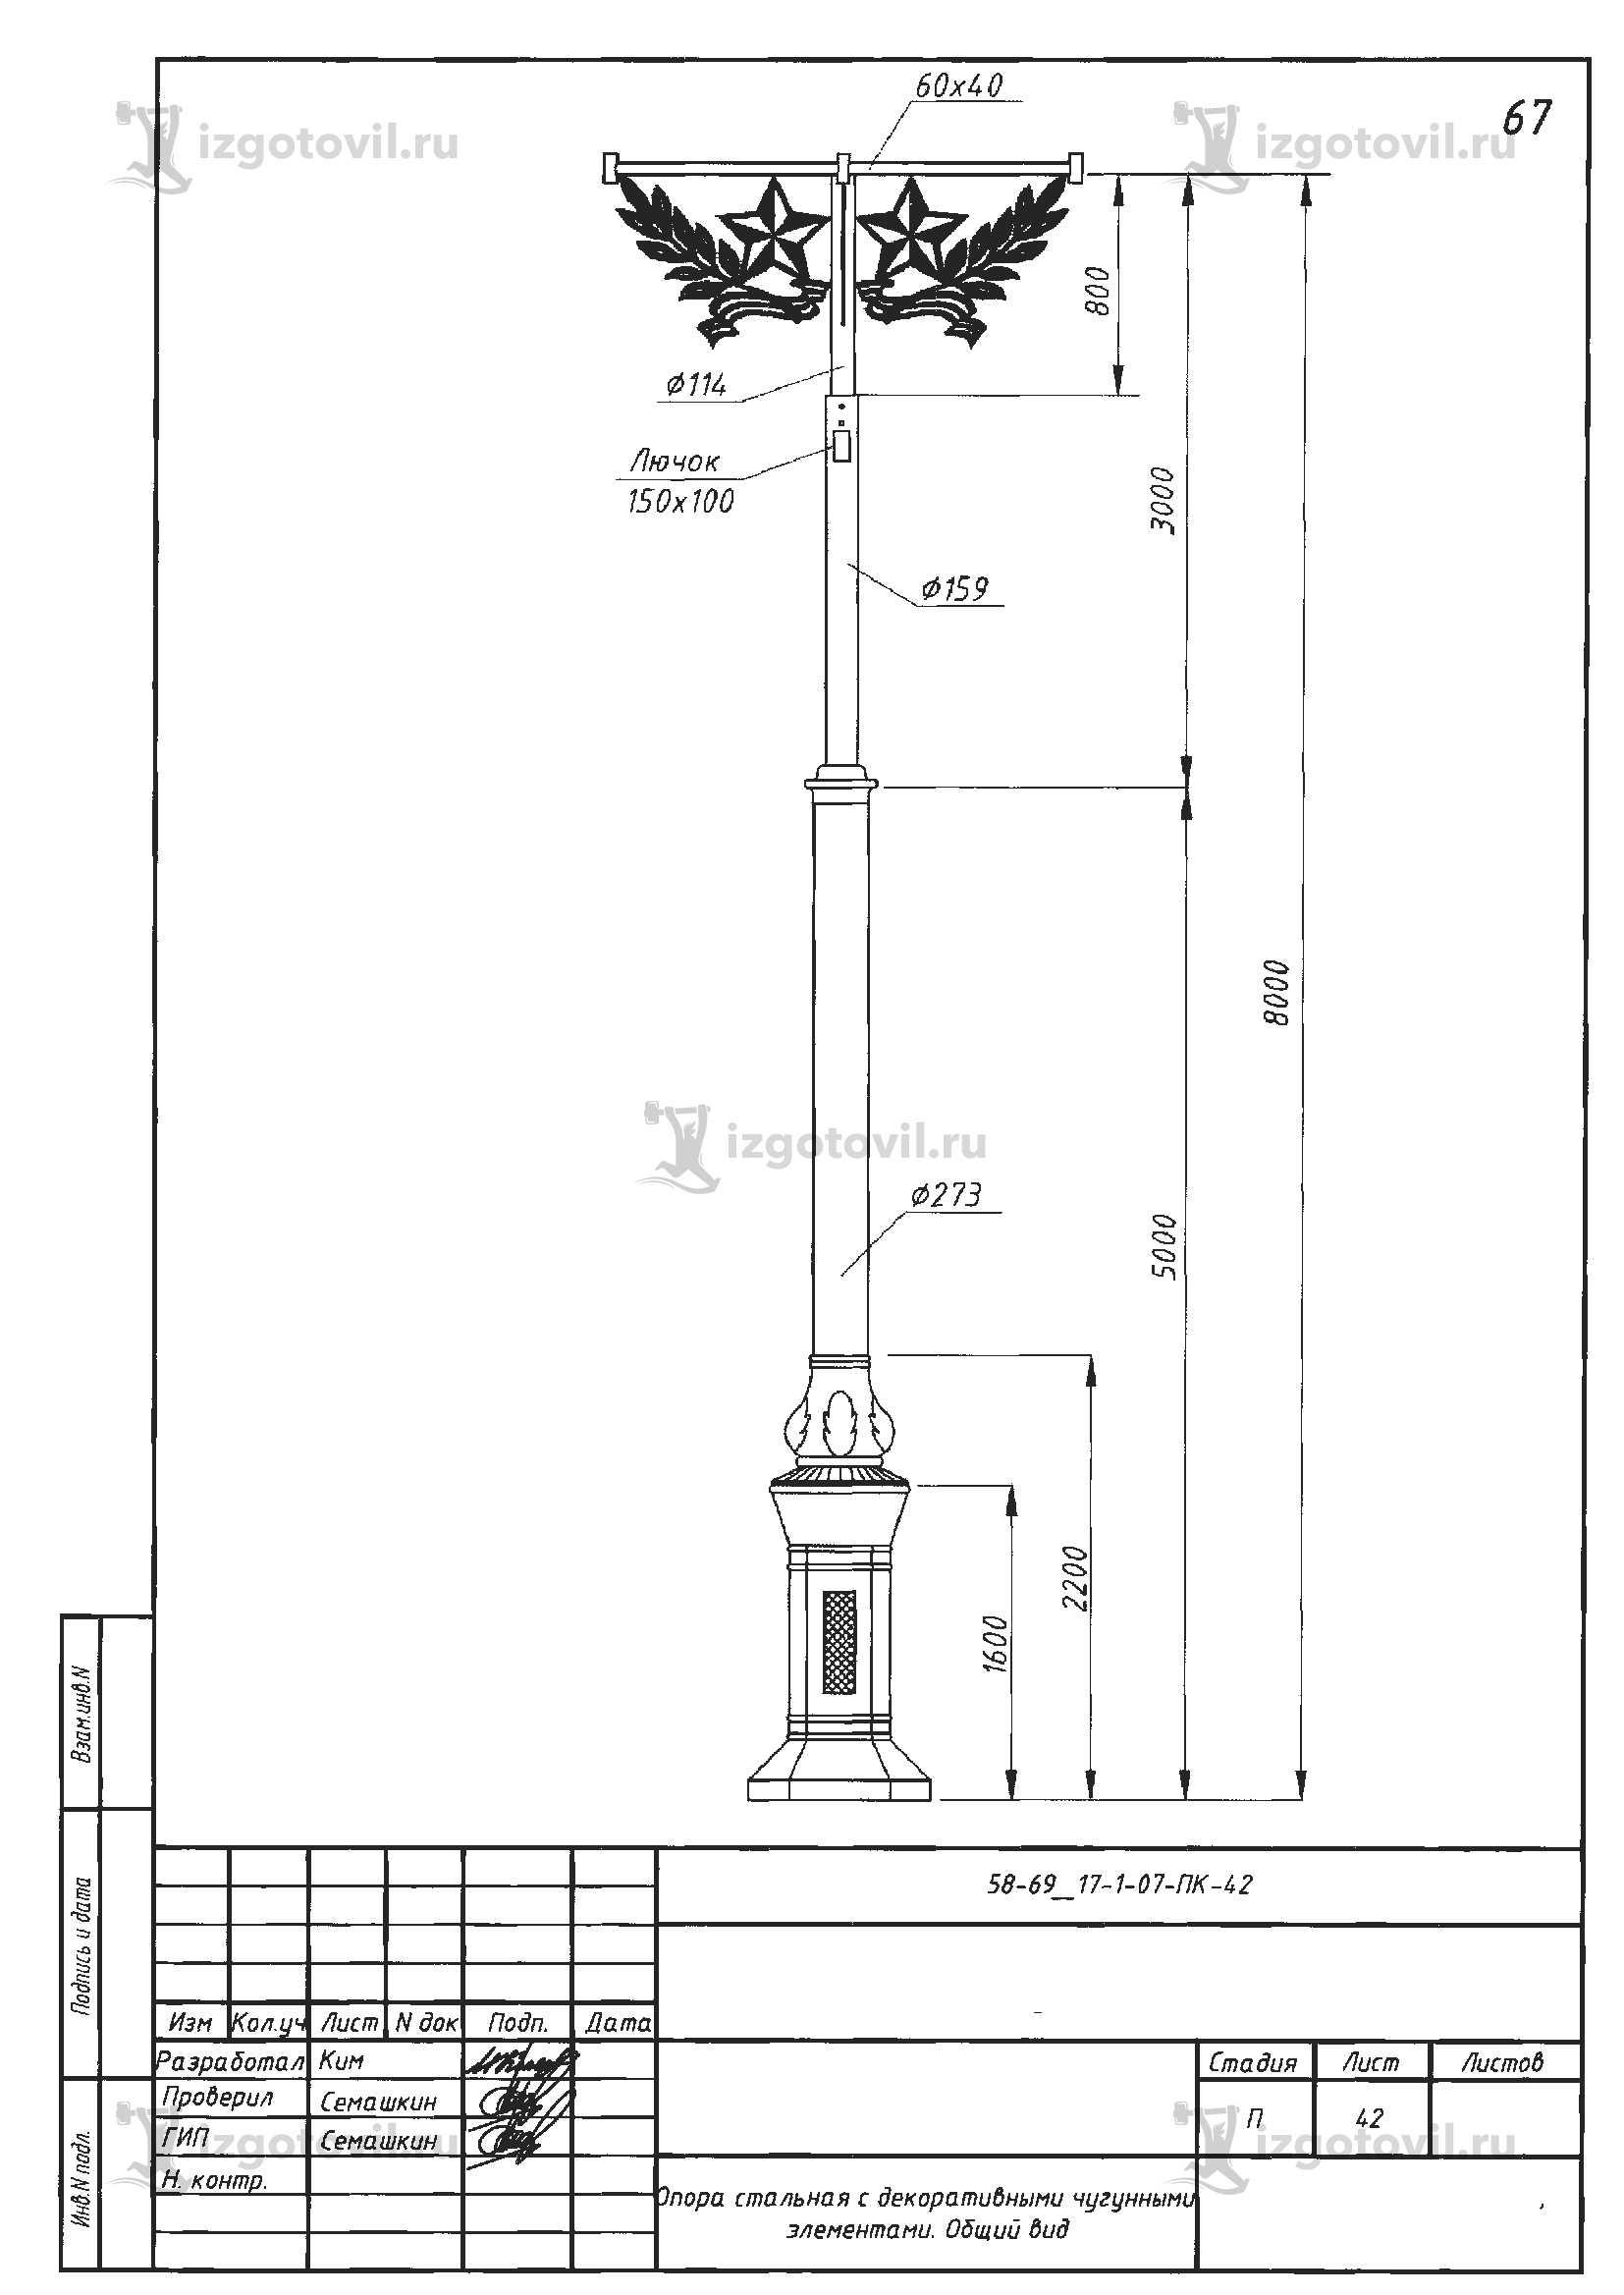 Литейное производство (тумб чугунных для опор освещения )